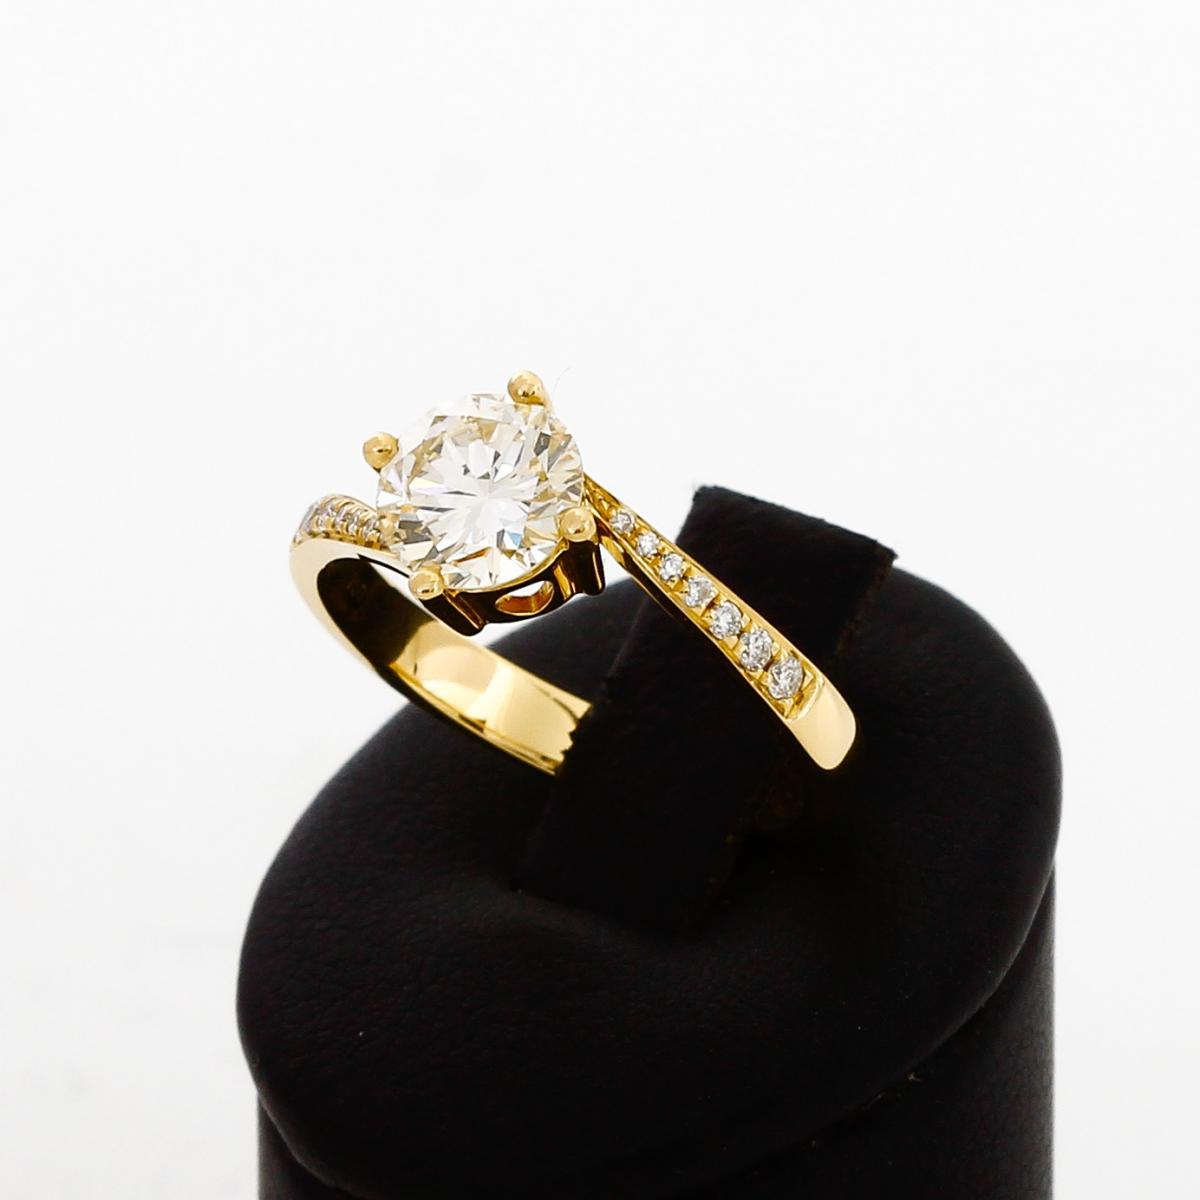 Ring 18 K Gelbgold mit Brillanten mit insgesamt 1,174 ct.